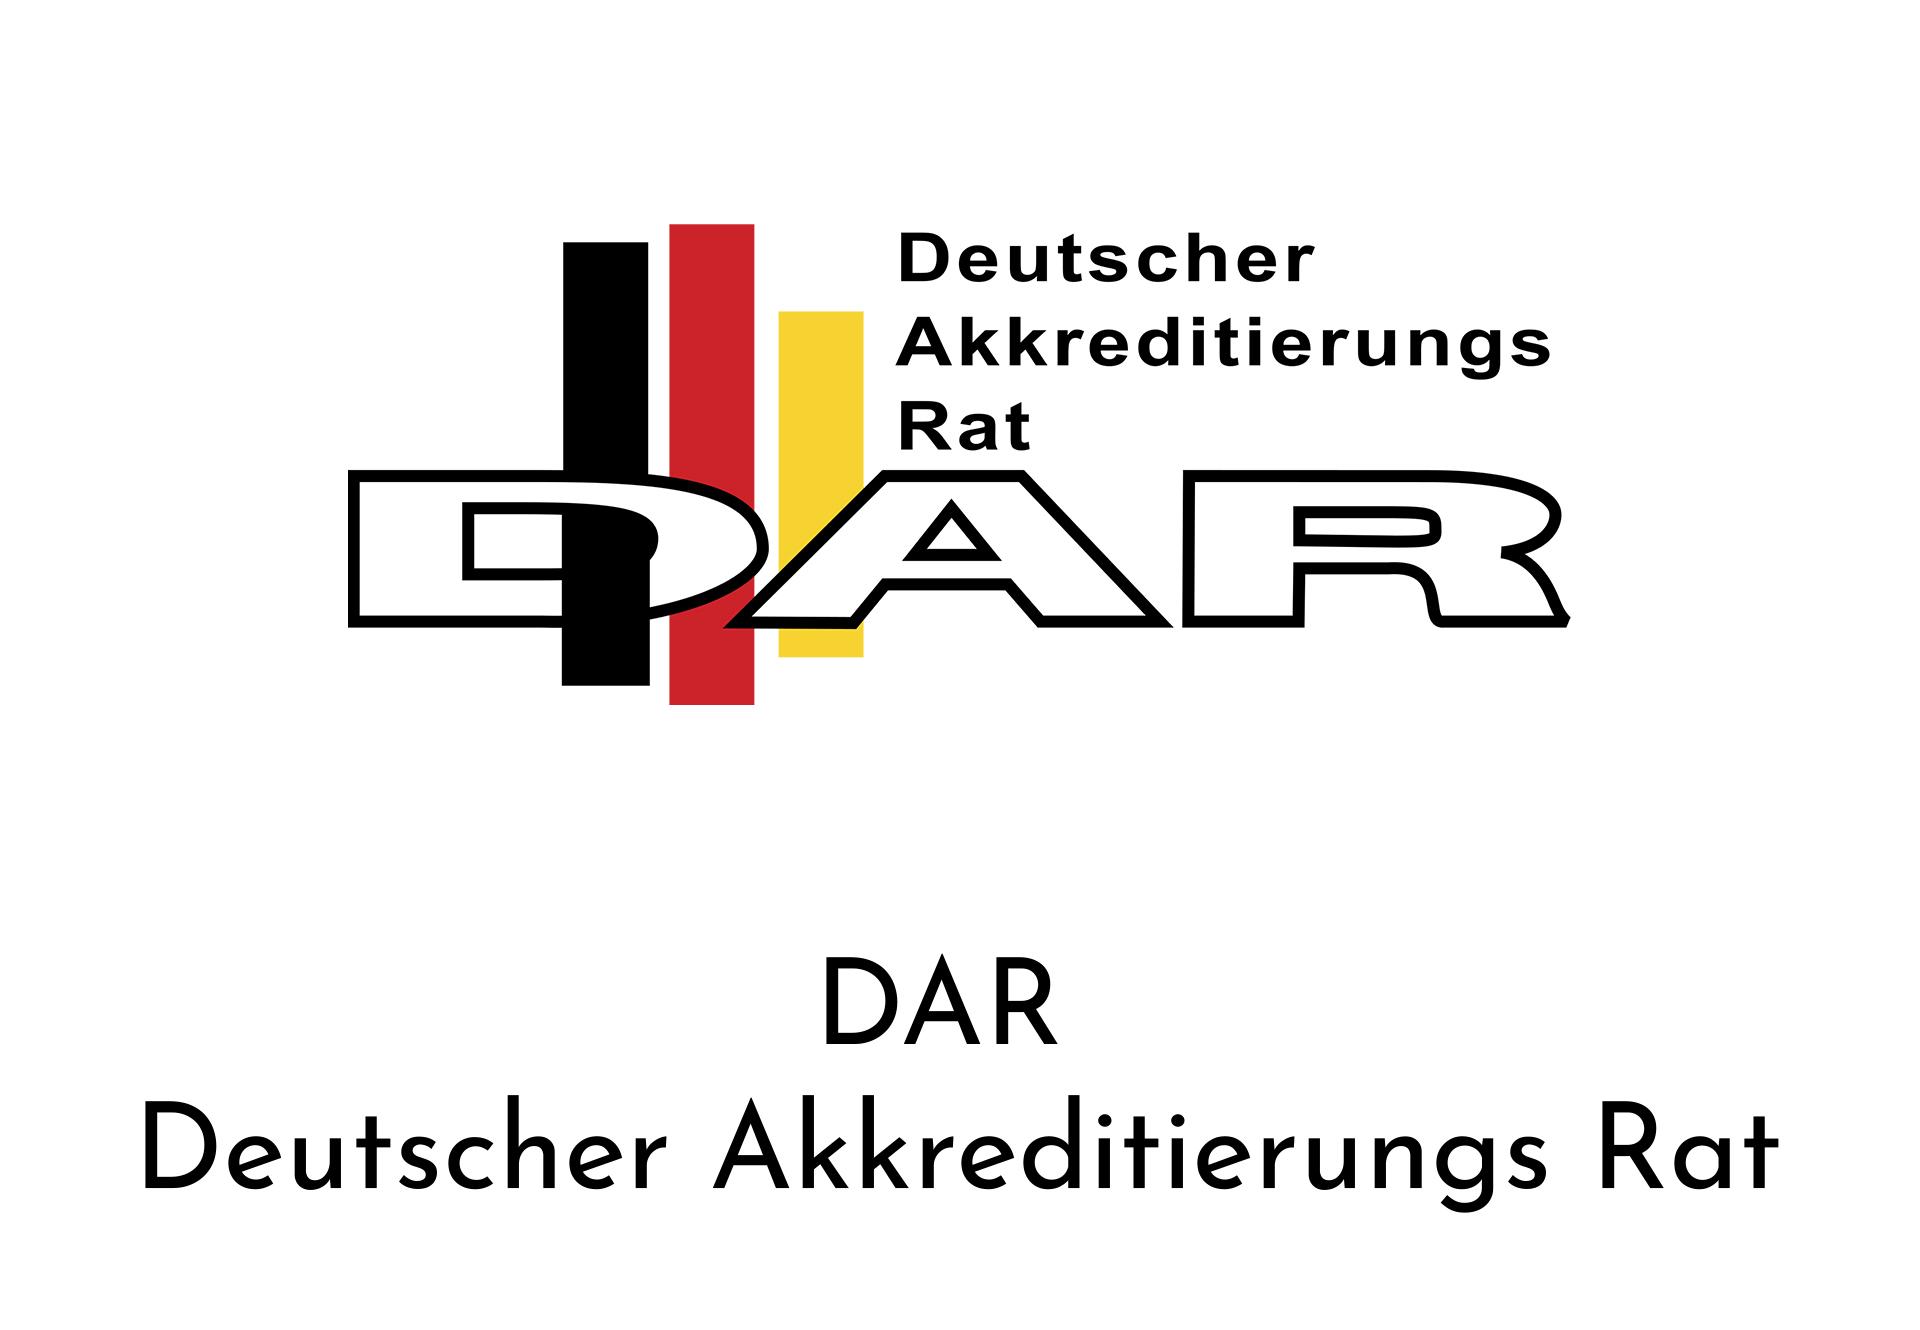 DAR Deutscher Akkreditierungs Rat